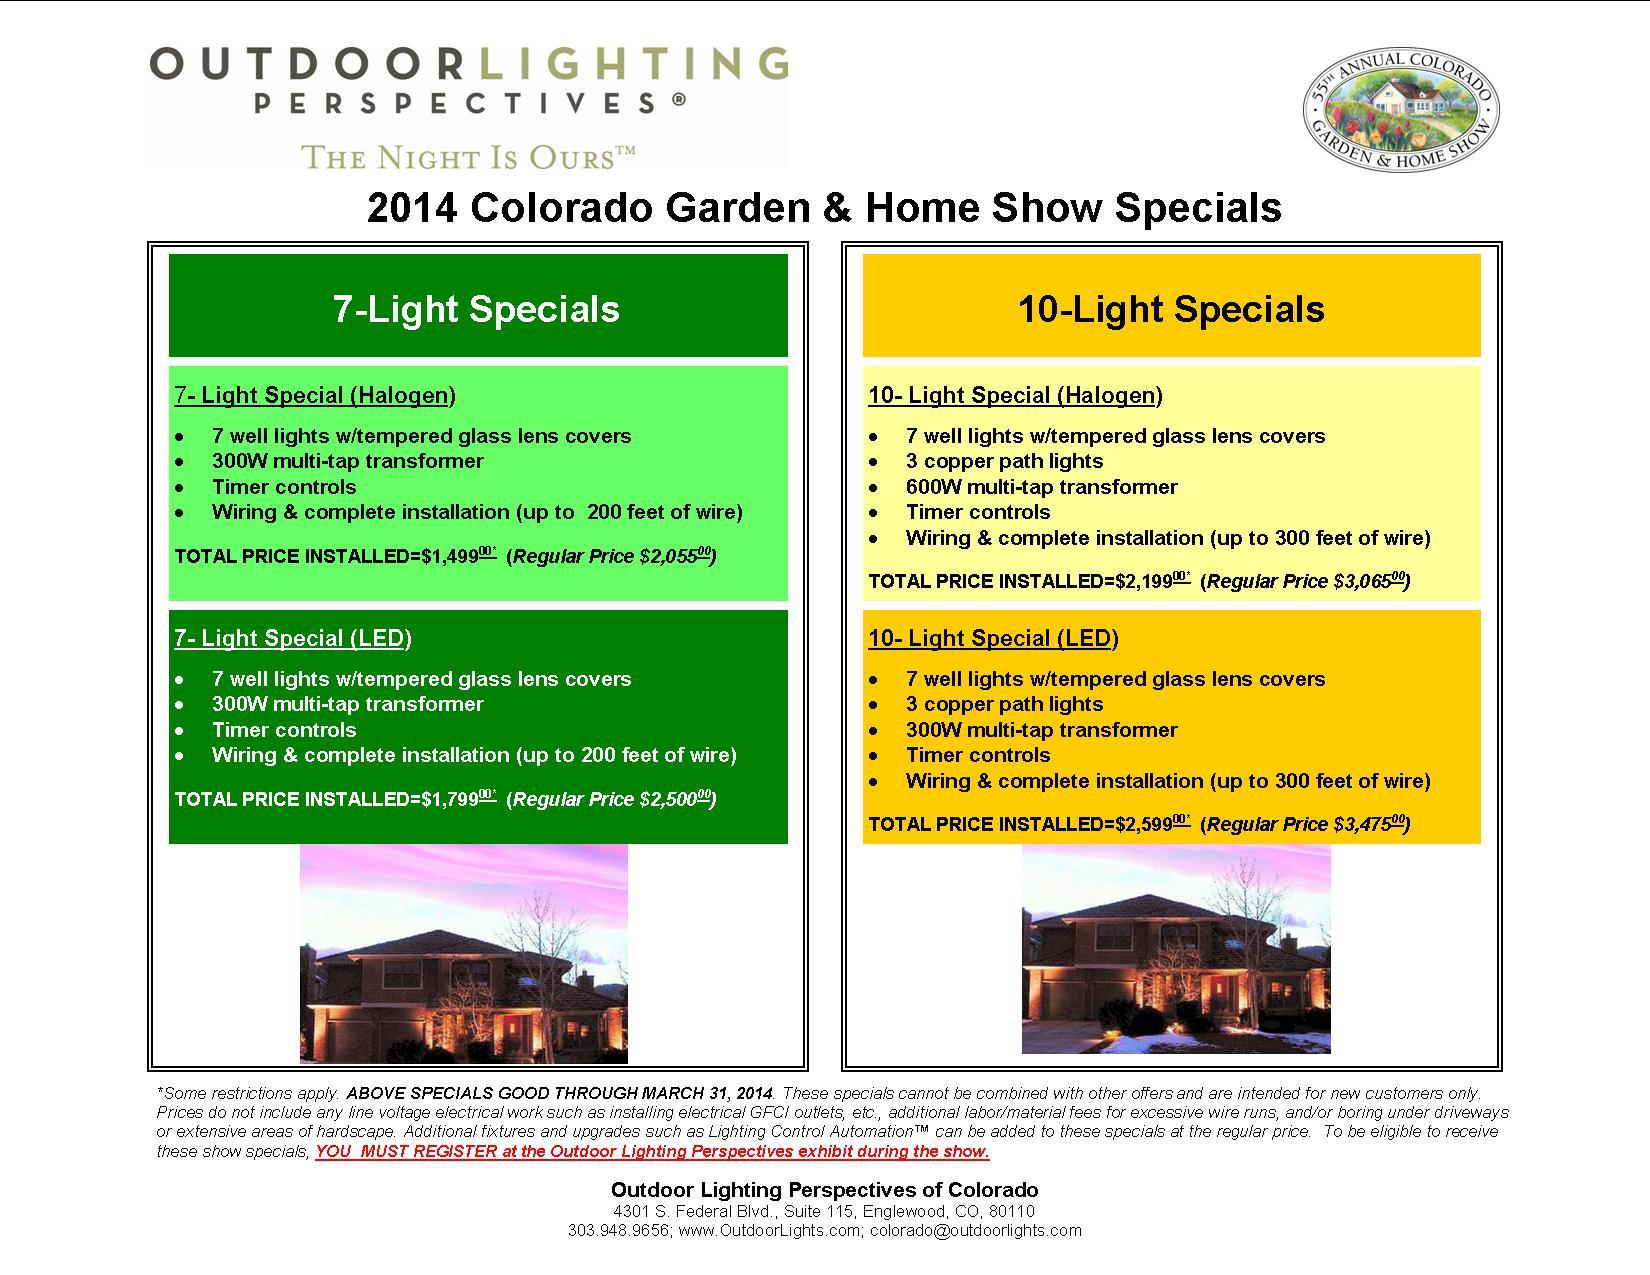 Design Outdoor Lighting Of Colorados Blog Wiring Up A Garden Light 2014 Colorado Home Show Specials